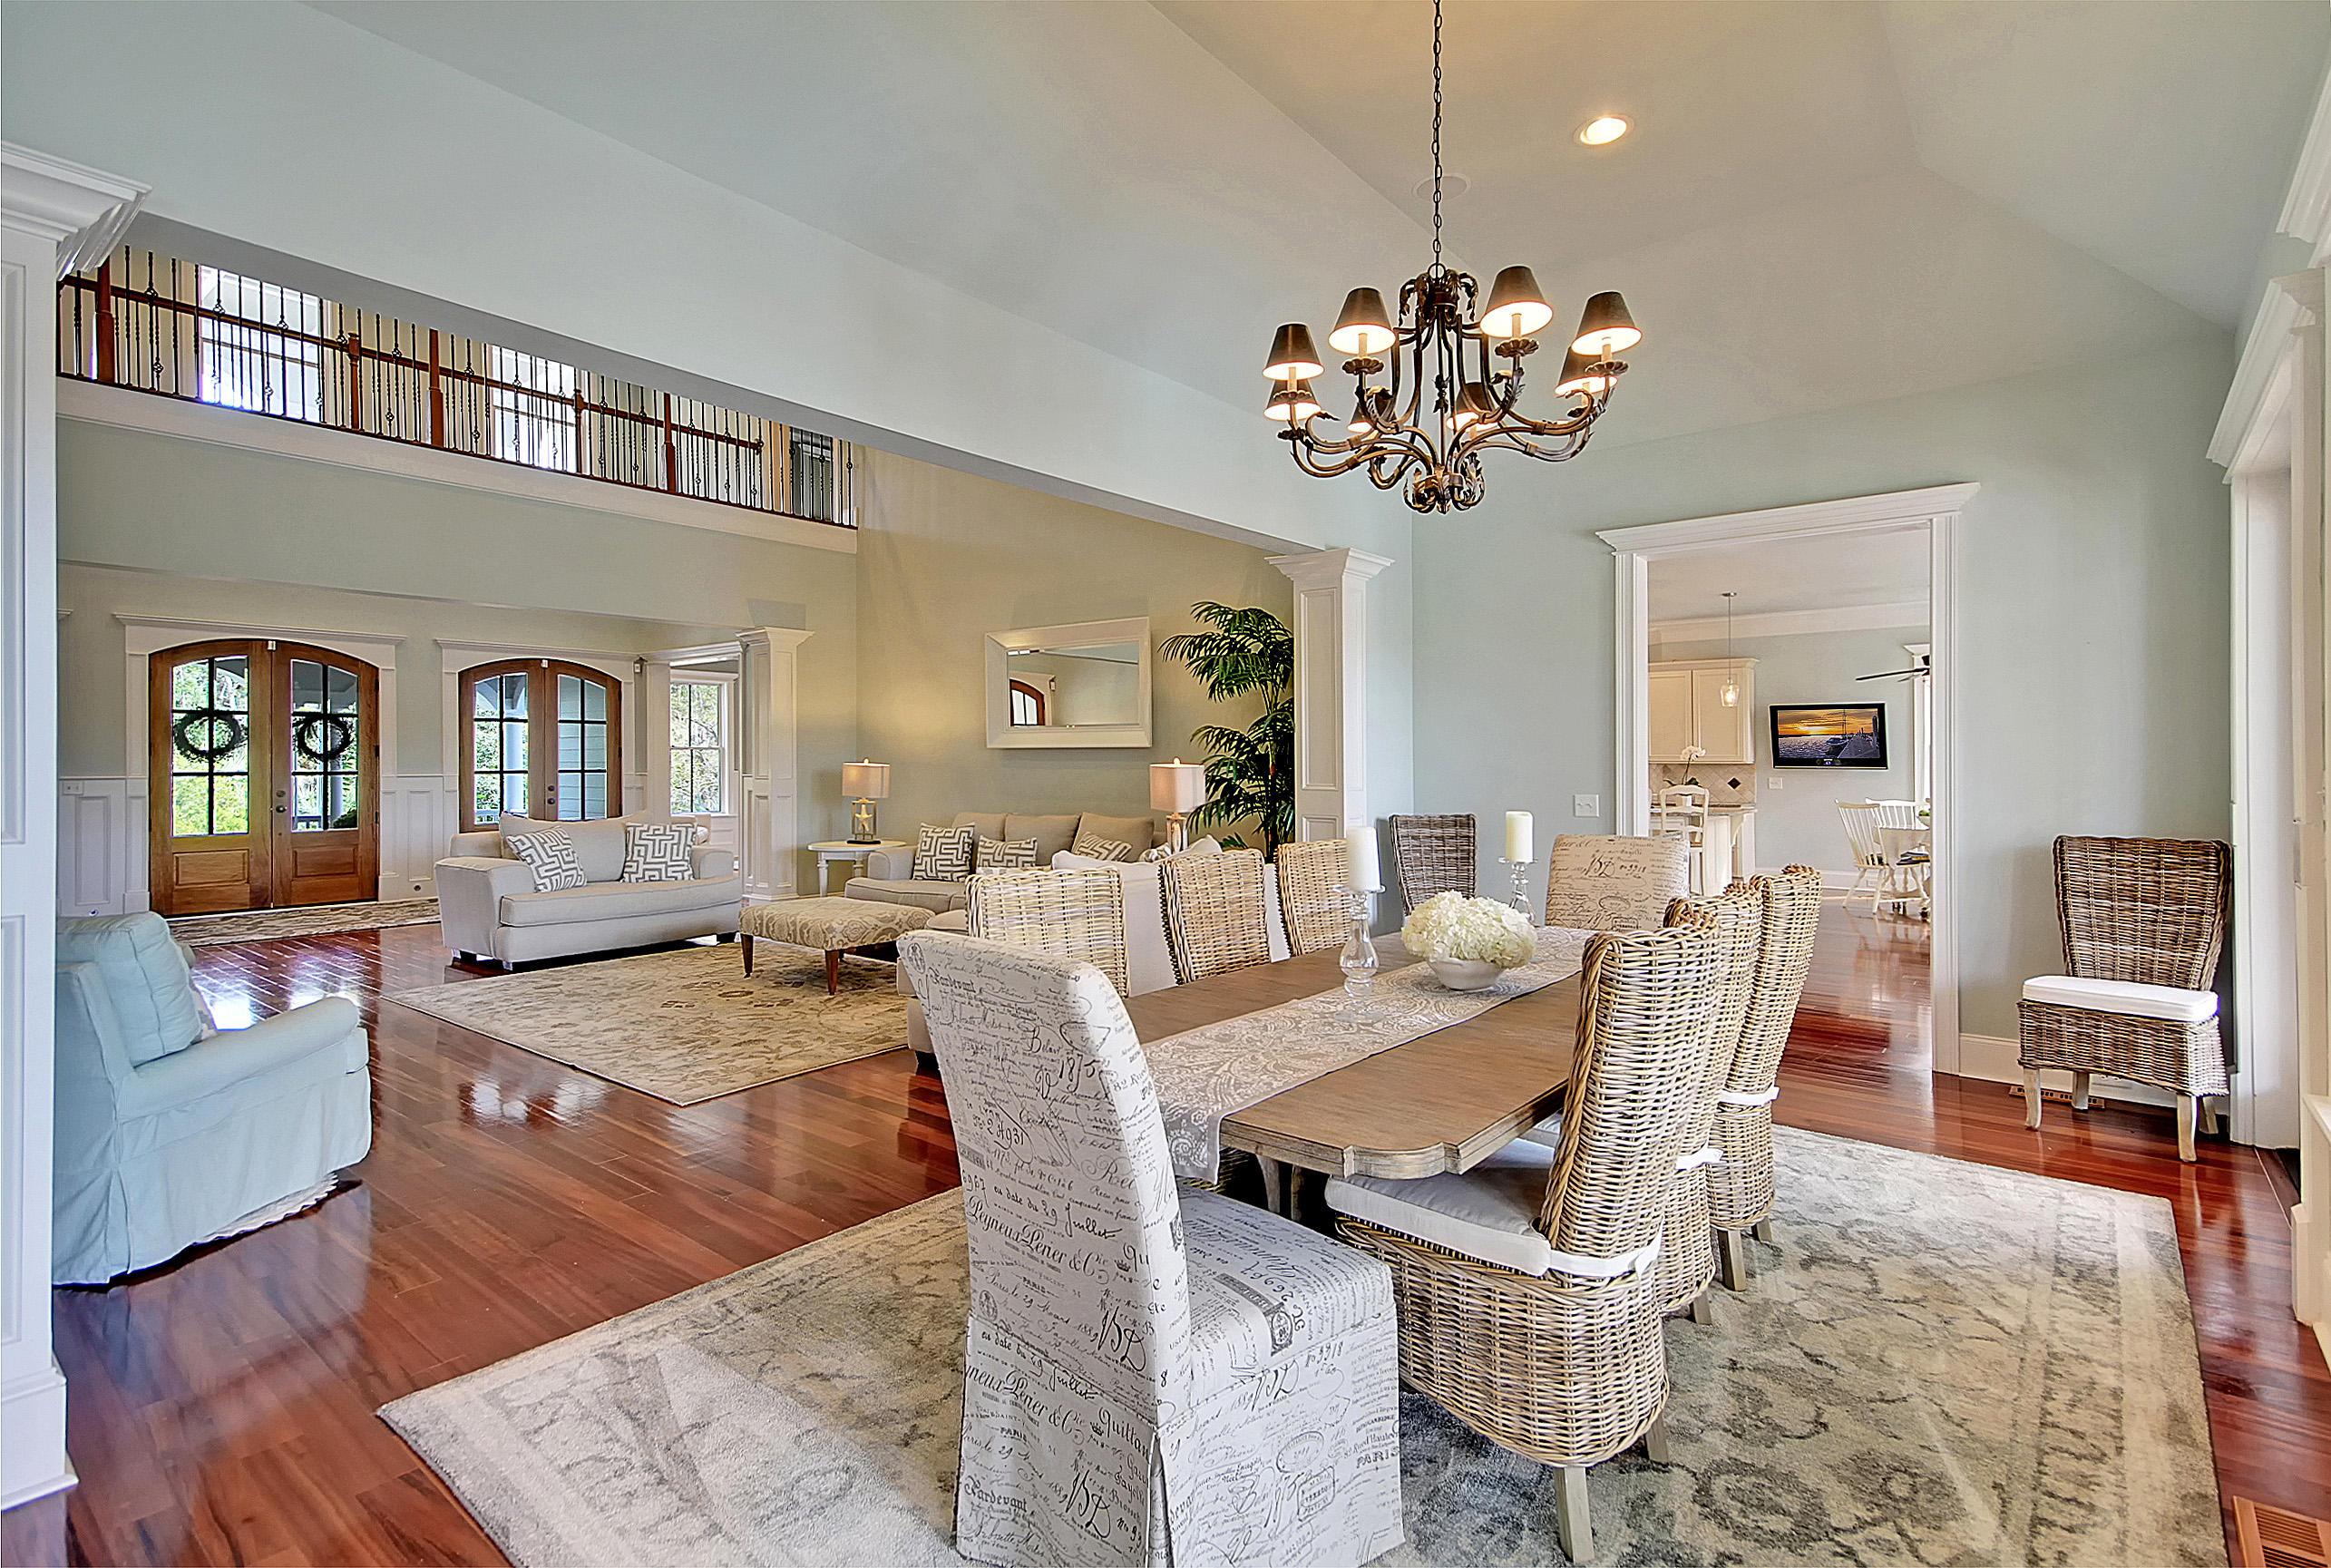 Park West Homes For Sale - 3940 Ashton Shore, Mount Pleasant, SC - 62